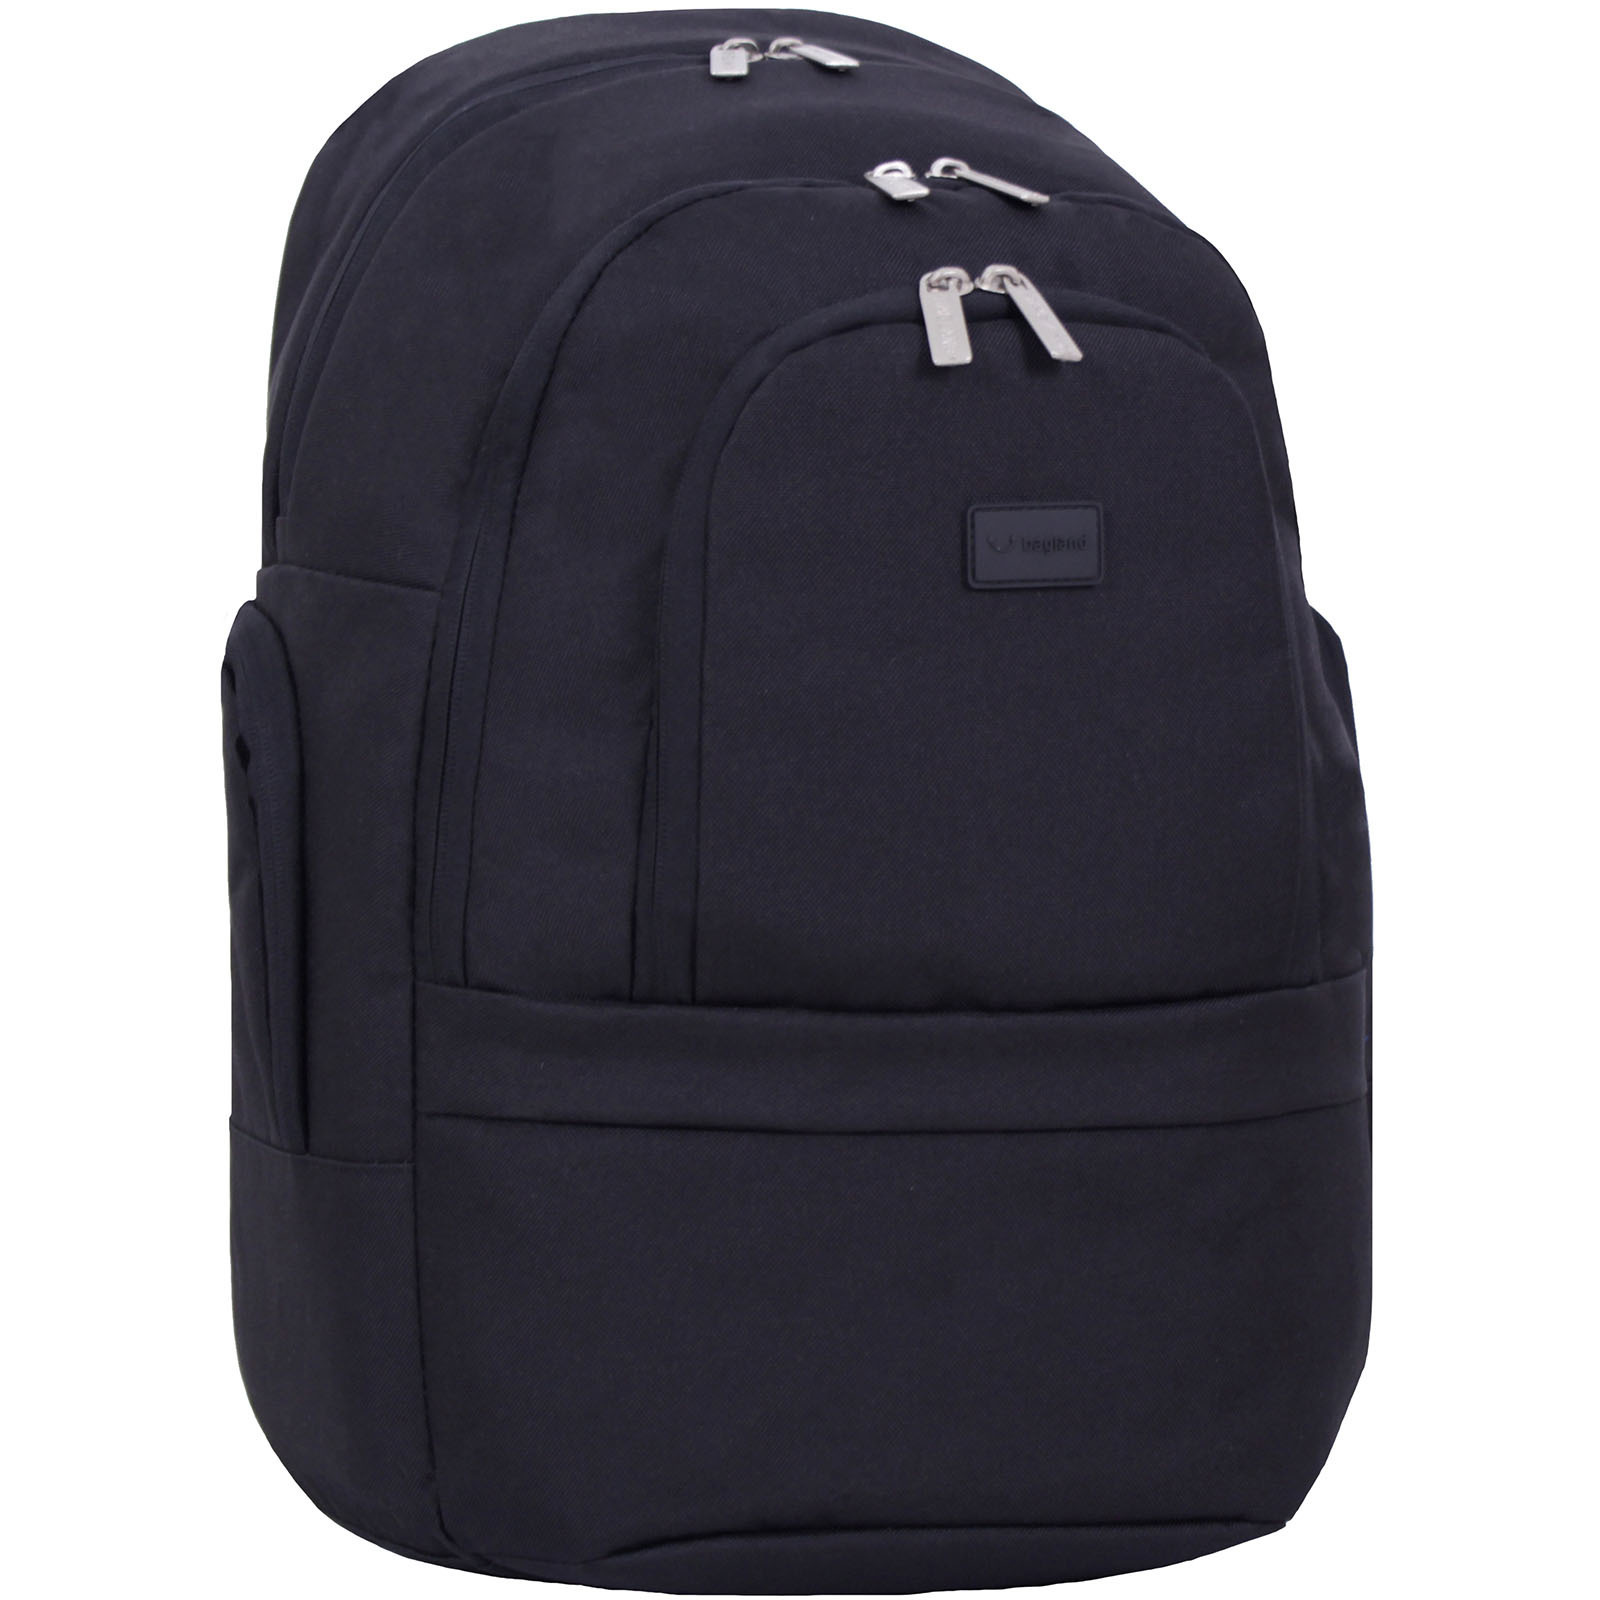 Городские рюкзаки Рюкзак Bagland Бриг 33 л. черный (0054366) IMG_1836.JPG